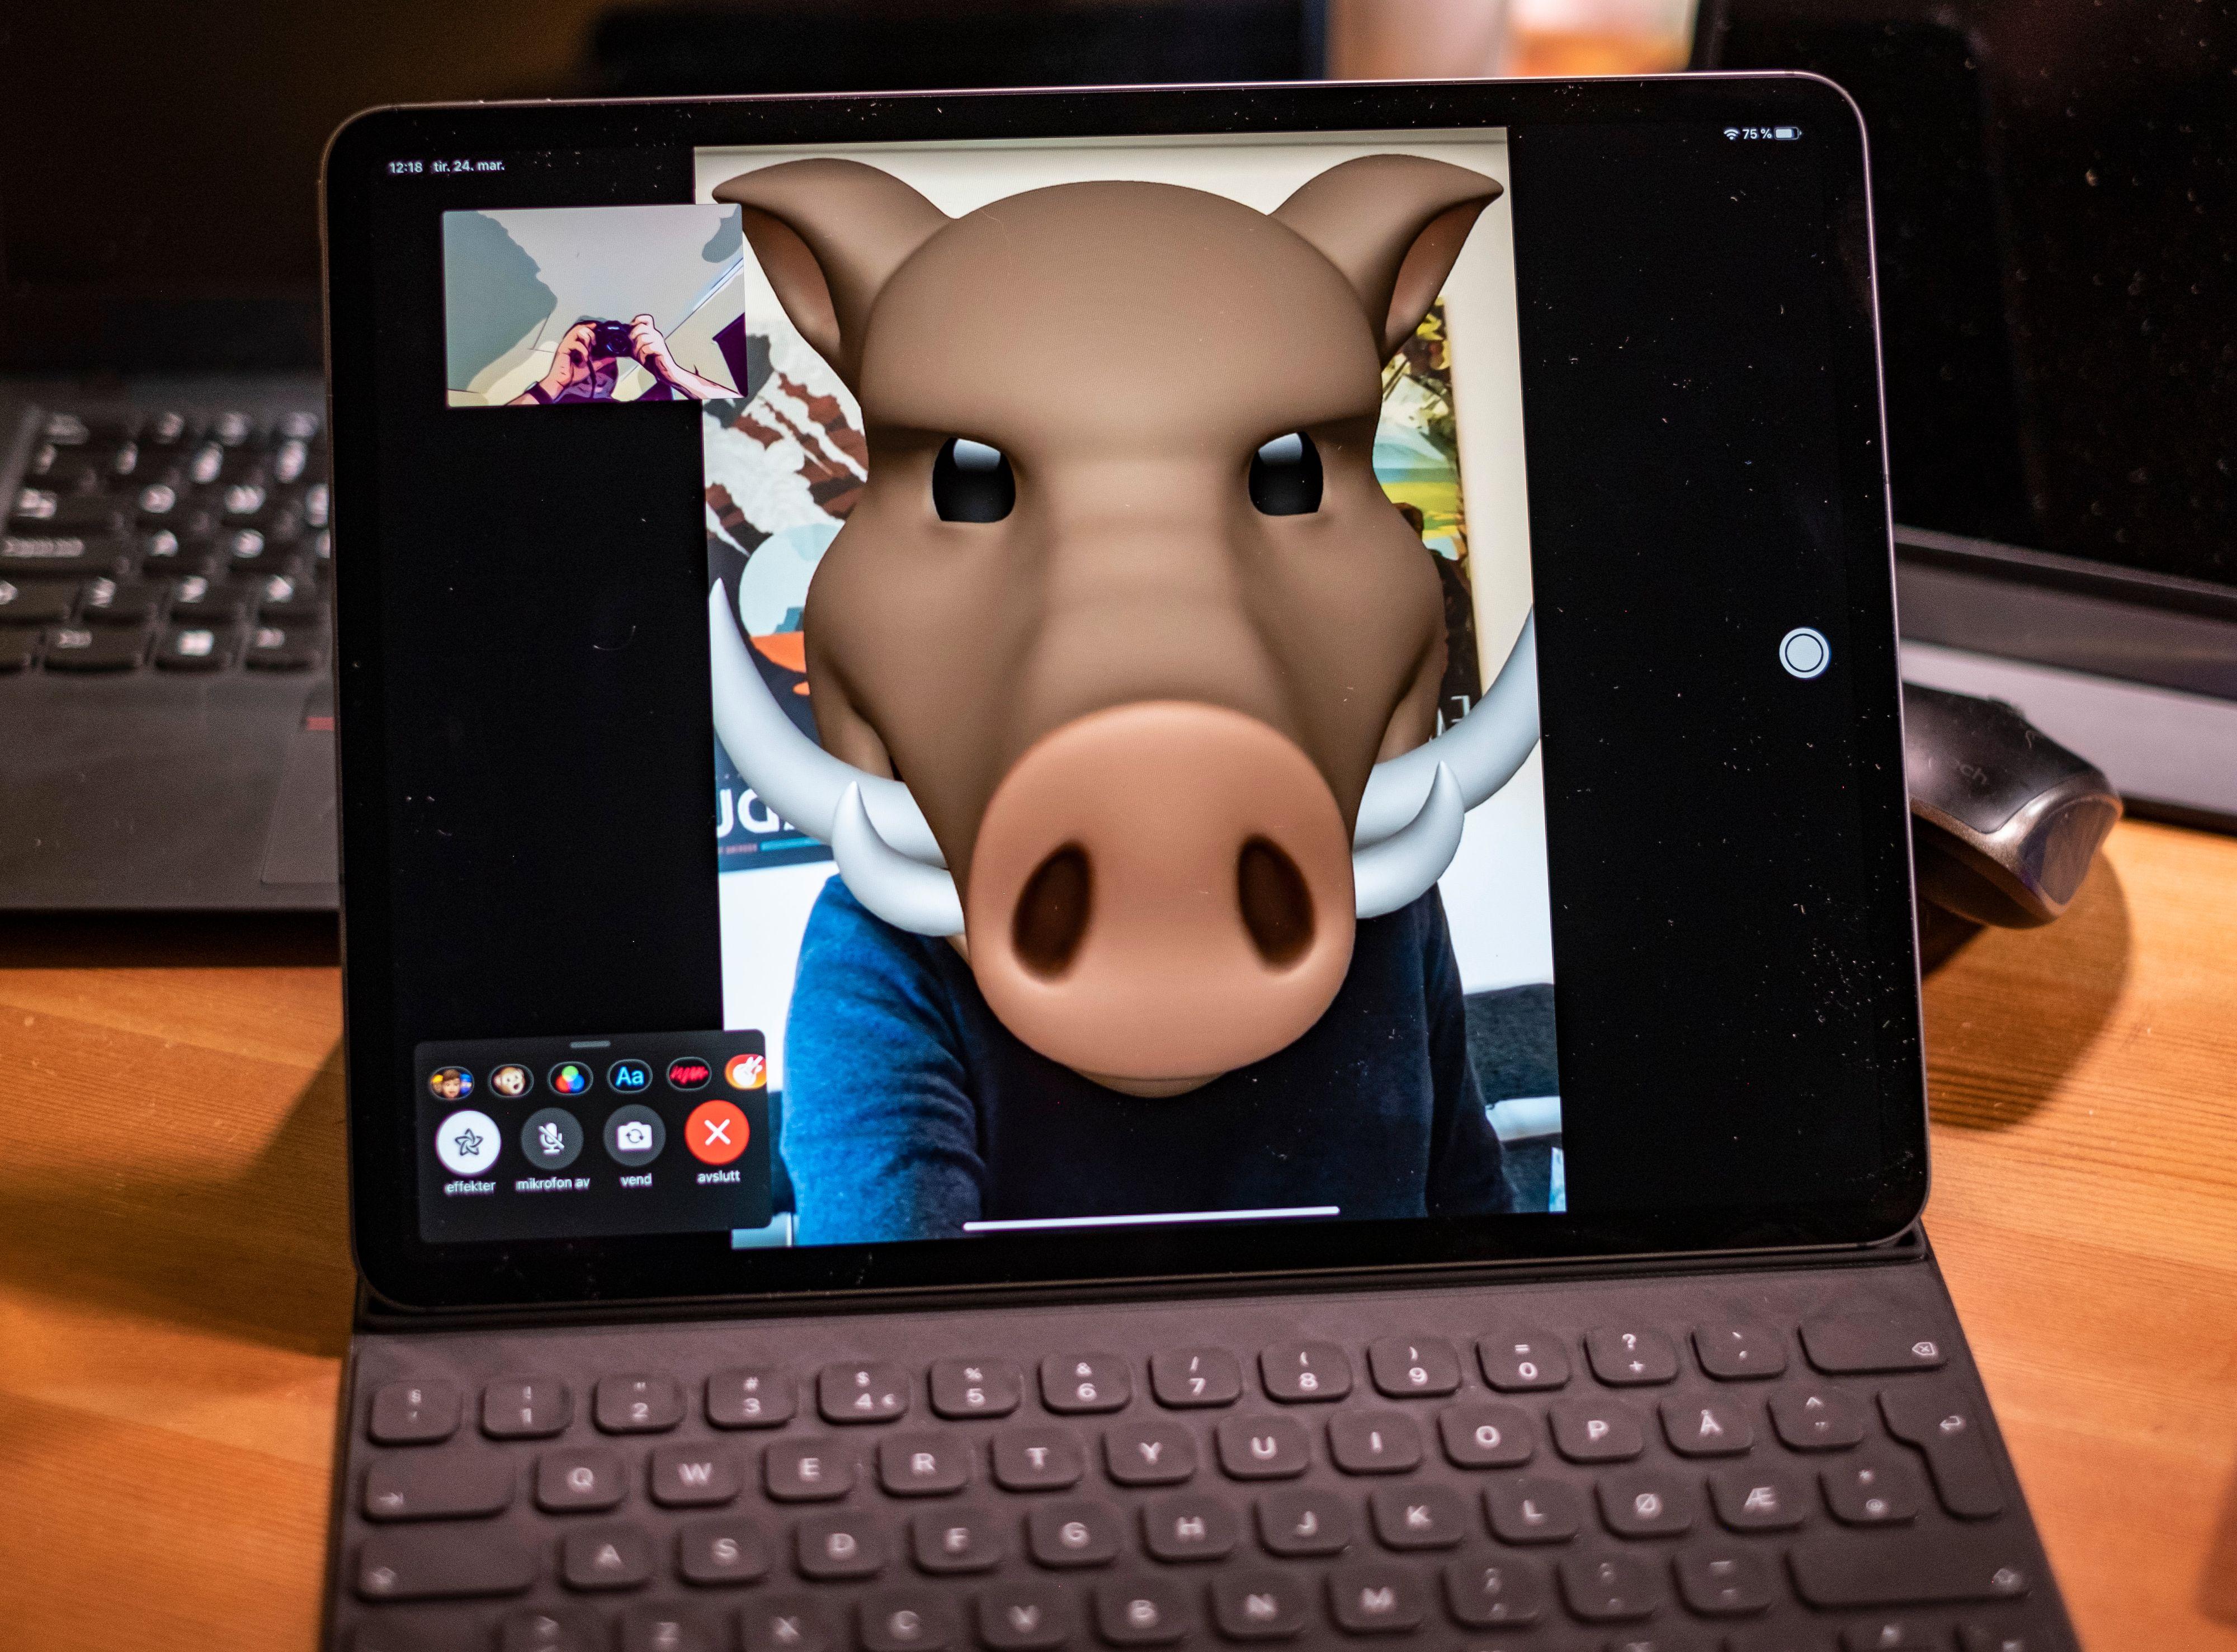 I disse hjemmekontortider er det jo ekstra gøy å ta jobbmøtet som villsvin og giraff. Noe du enkelt kan med Facetime. Det hele ser spektakulært ut på den store skjermen. Bildekvaliteten uten masker på er også meget bra når du bruker iPad Pro.